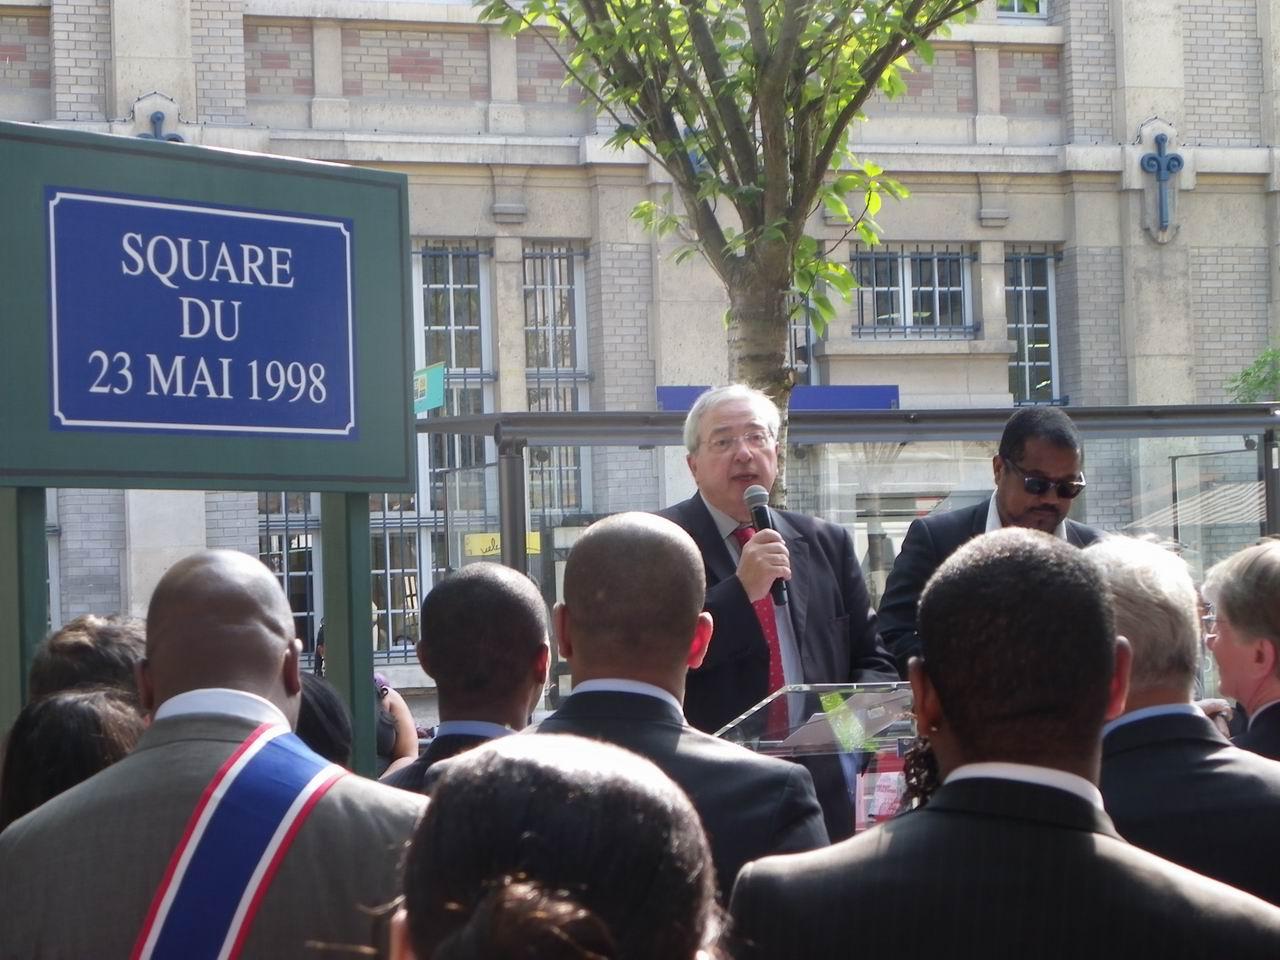 Le saviez-vous? : Le 23 mai 1998, un tournant dans la politique mémorielle en France